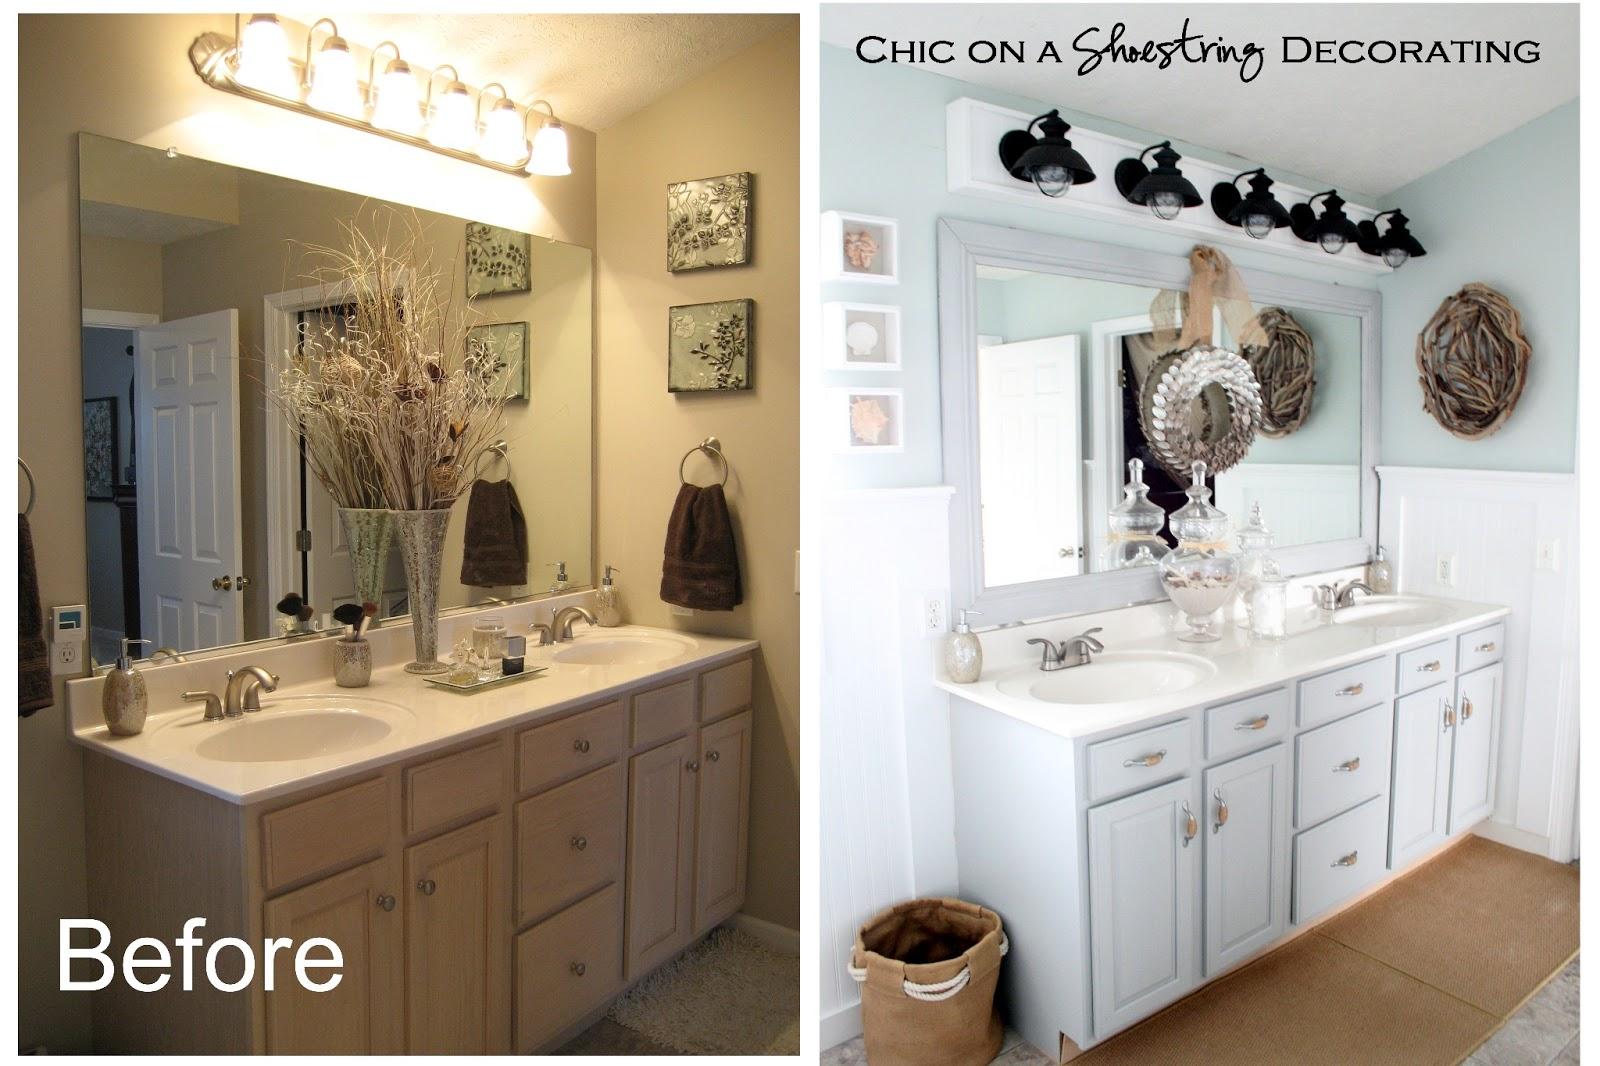 How To Turn A Dresser Into A Bathroom Vanity Large And Beautiful - Dresser turned bathroom vanity for bathroom decor ideas